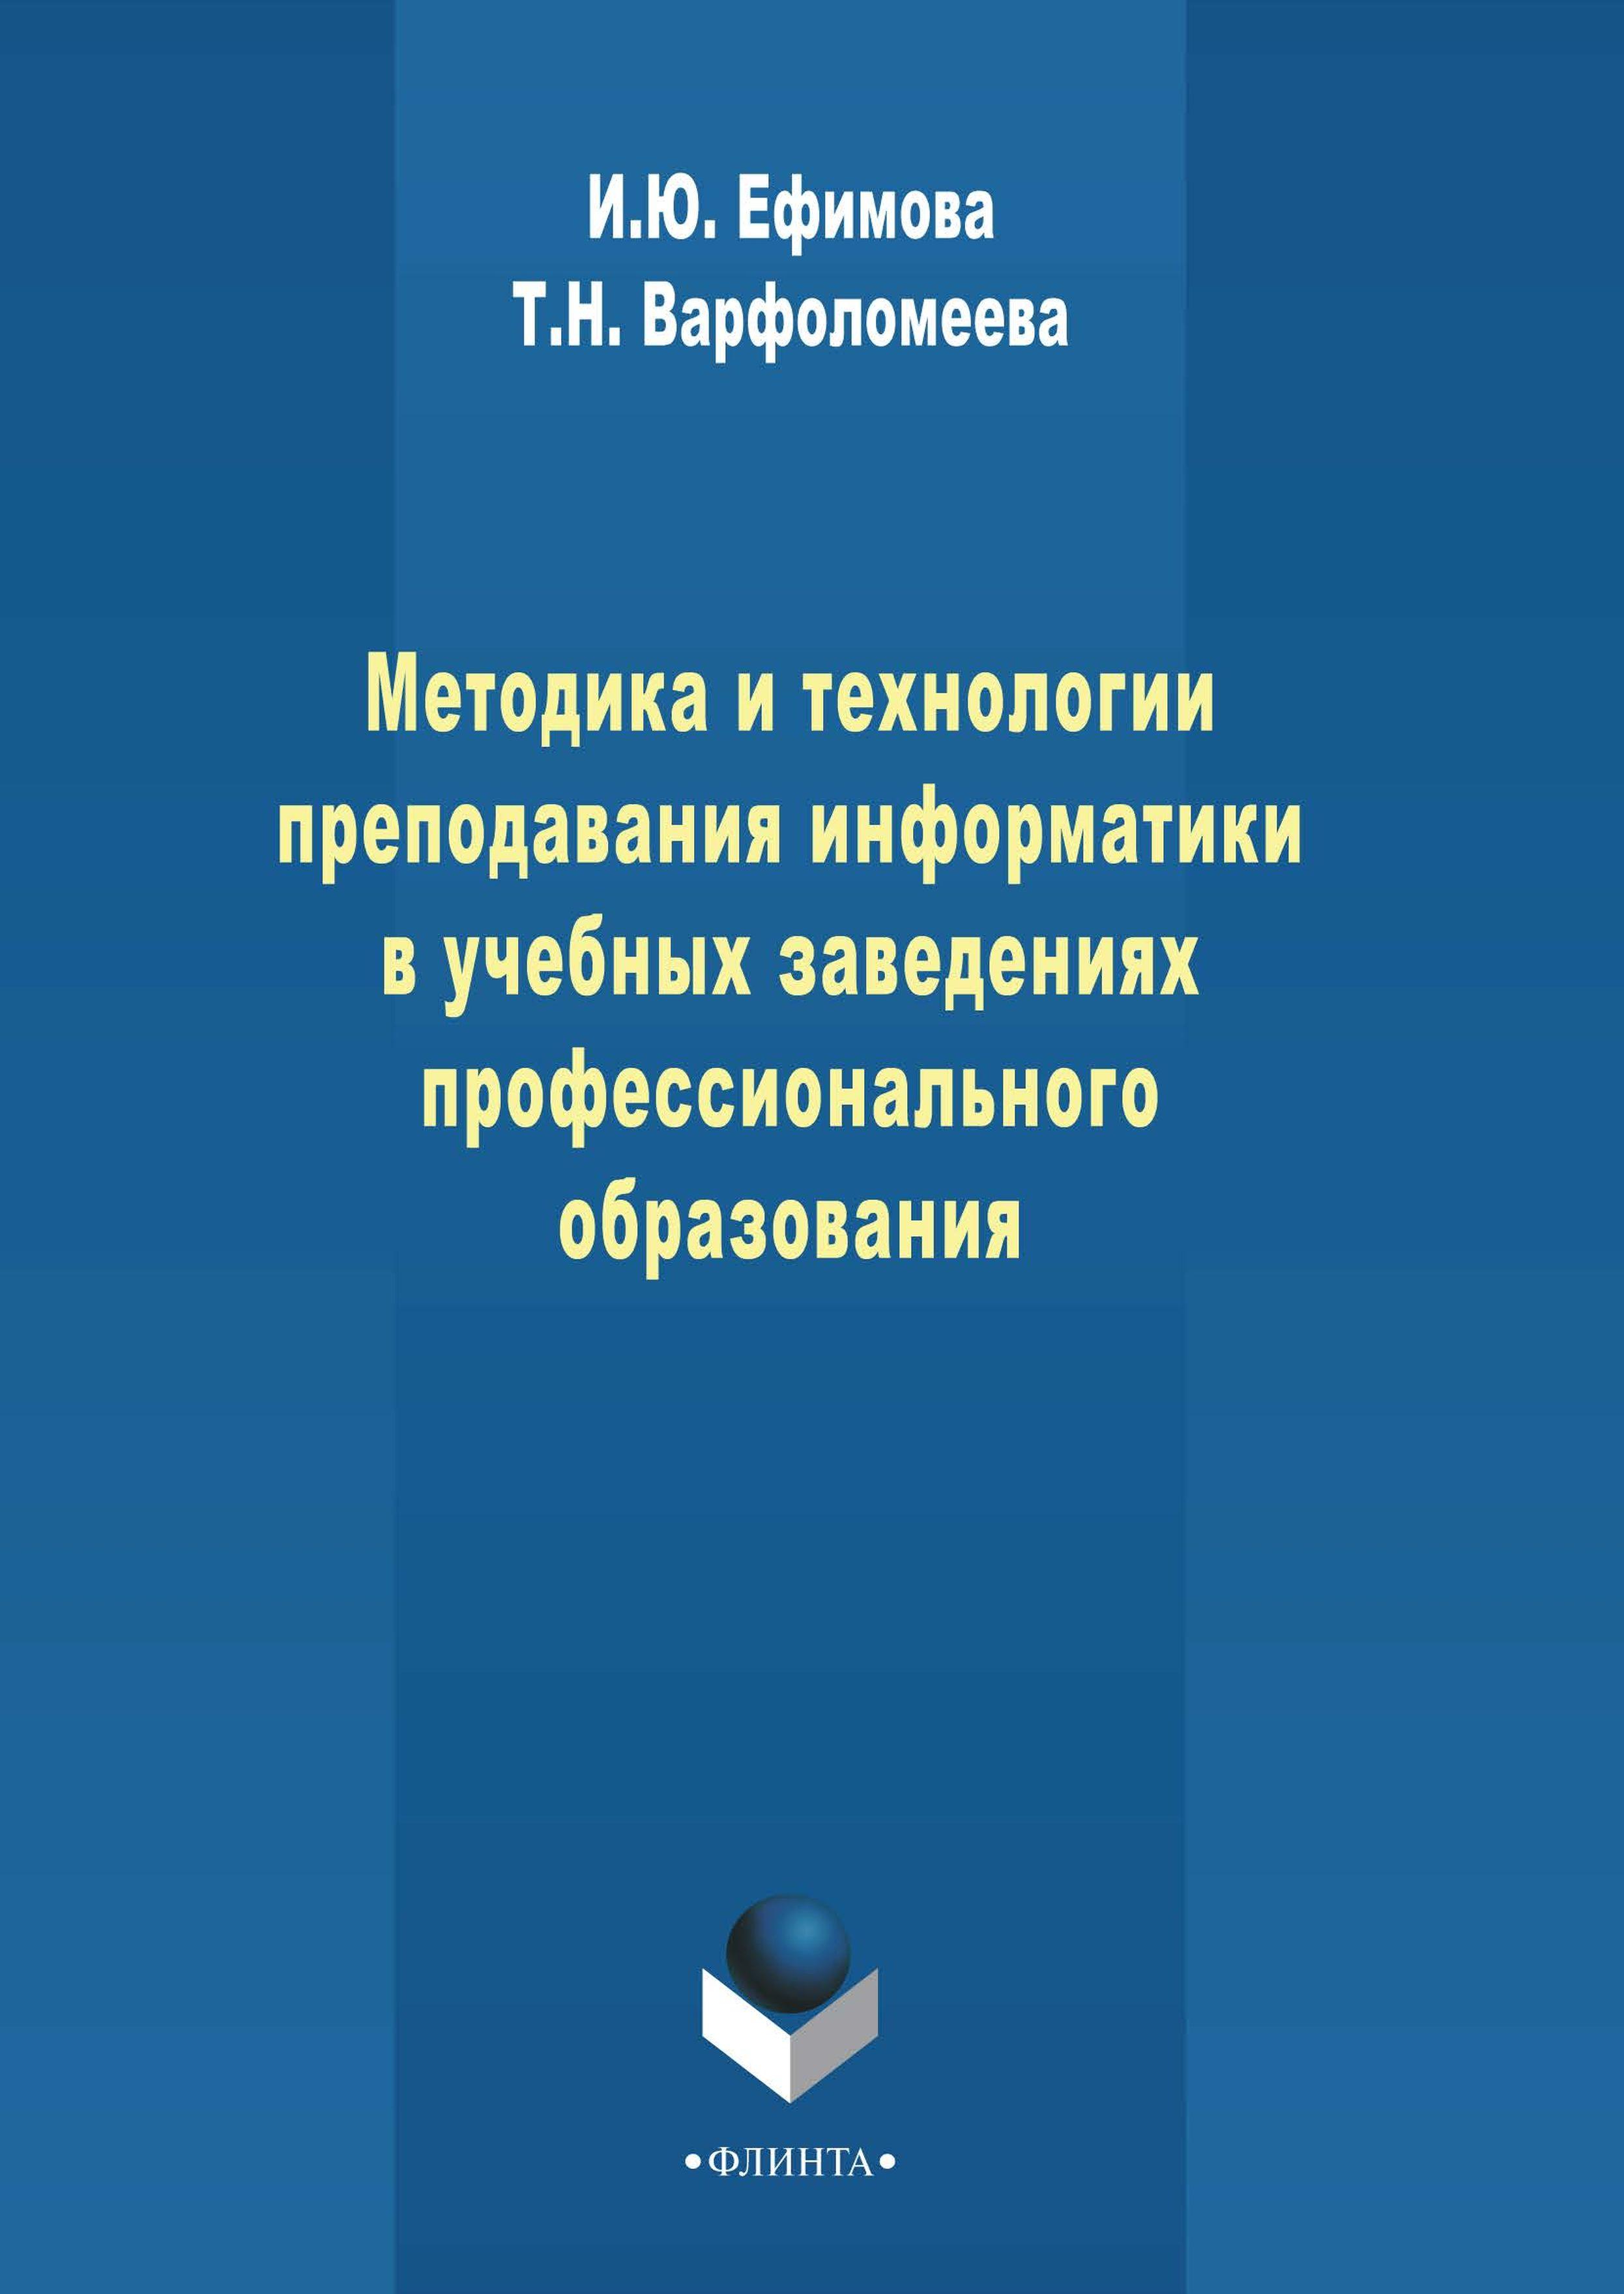 И. Ю. Ефимова Методика и технологии преподавания информатики в учебных заведениях профессионального образования